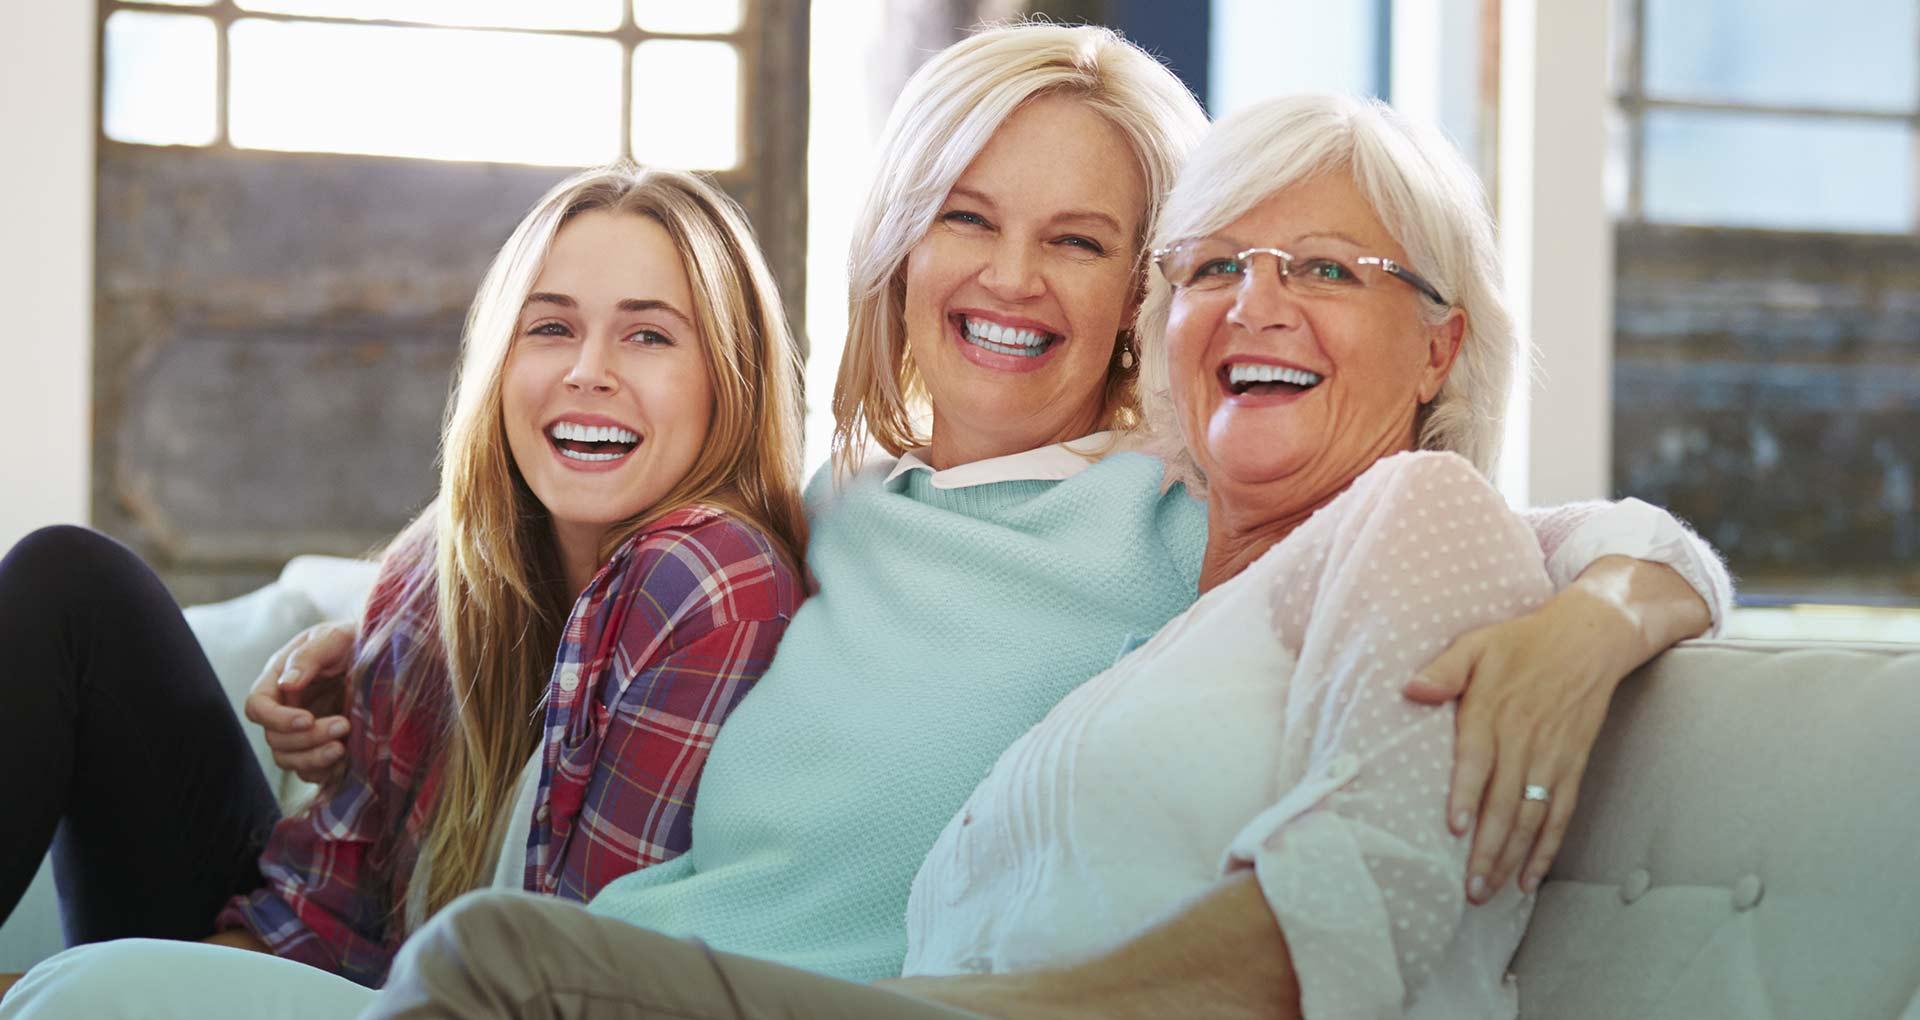 image06-142846-226348034 Эмэгтэйчүүд нэг нэгнээ дэмжих нь яагаад чухал байдаг вэ?